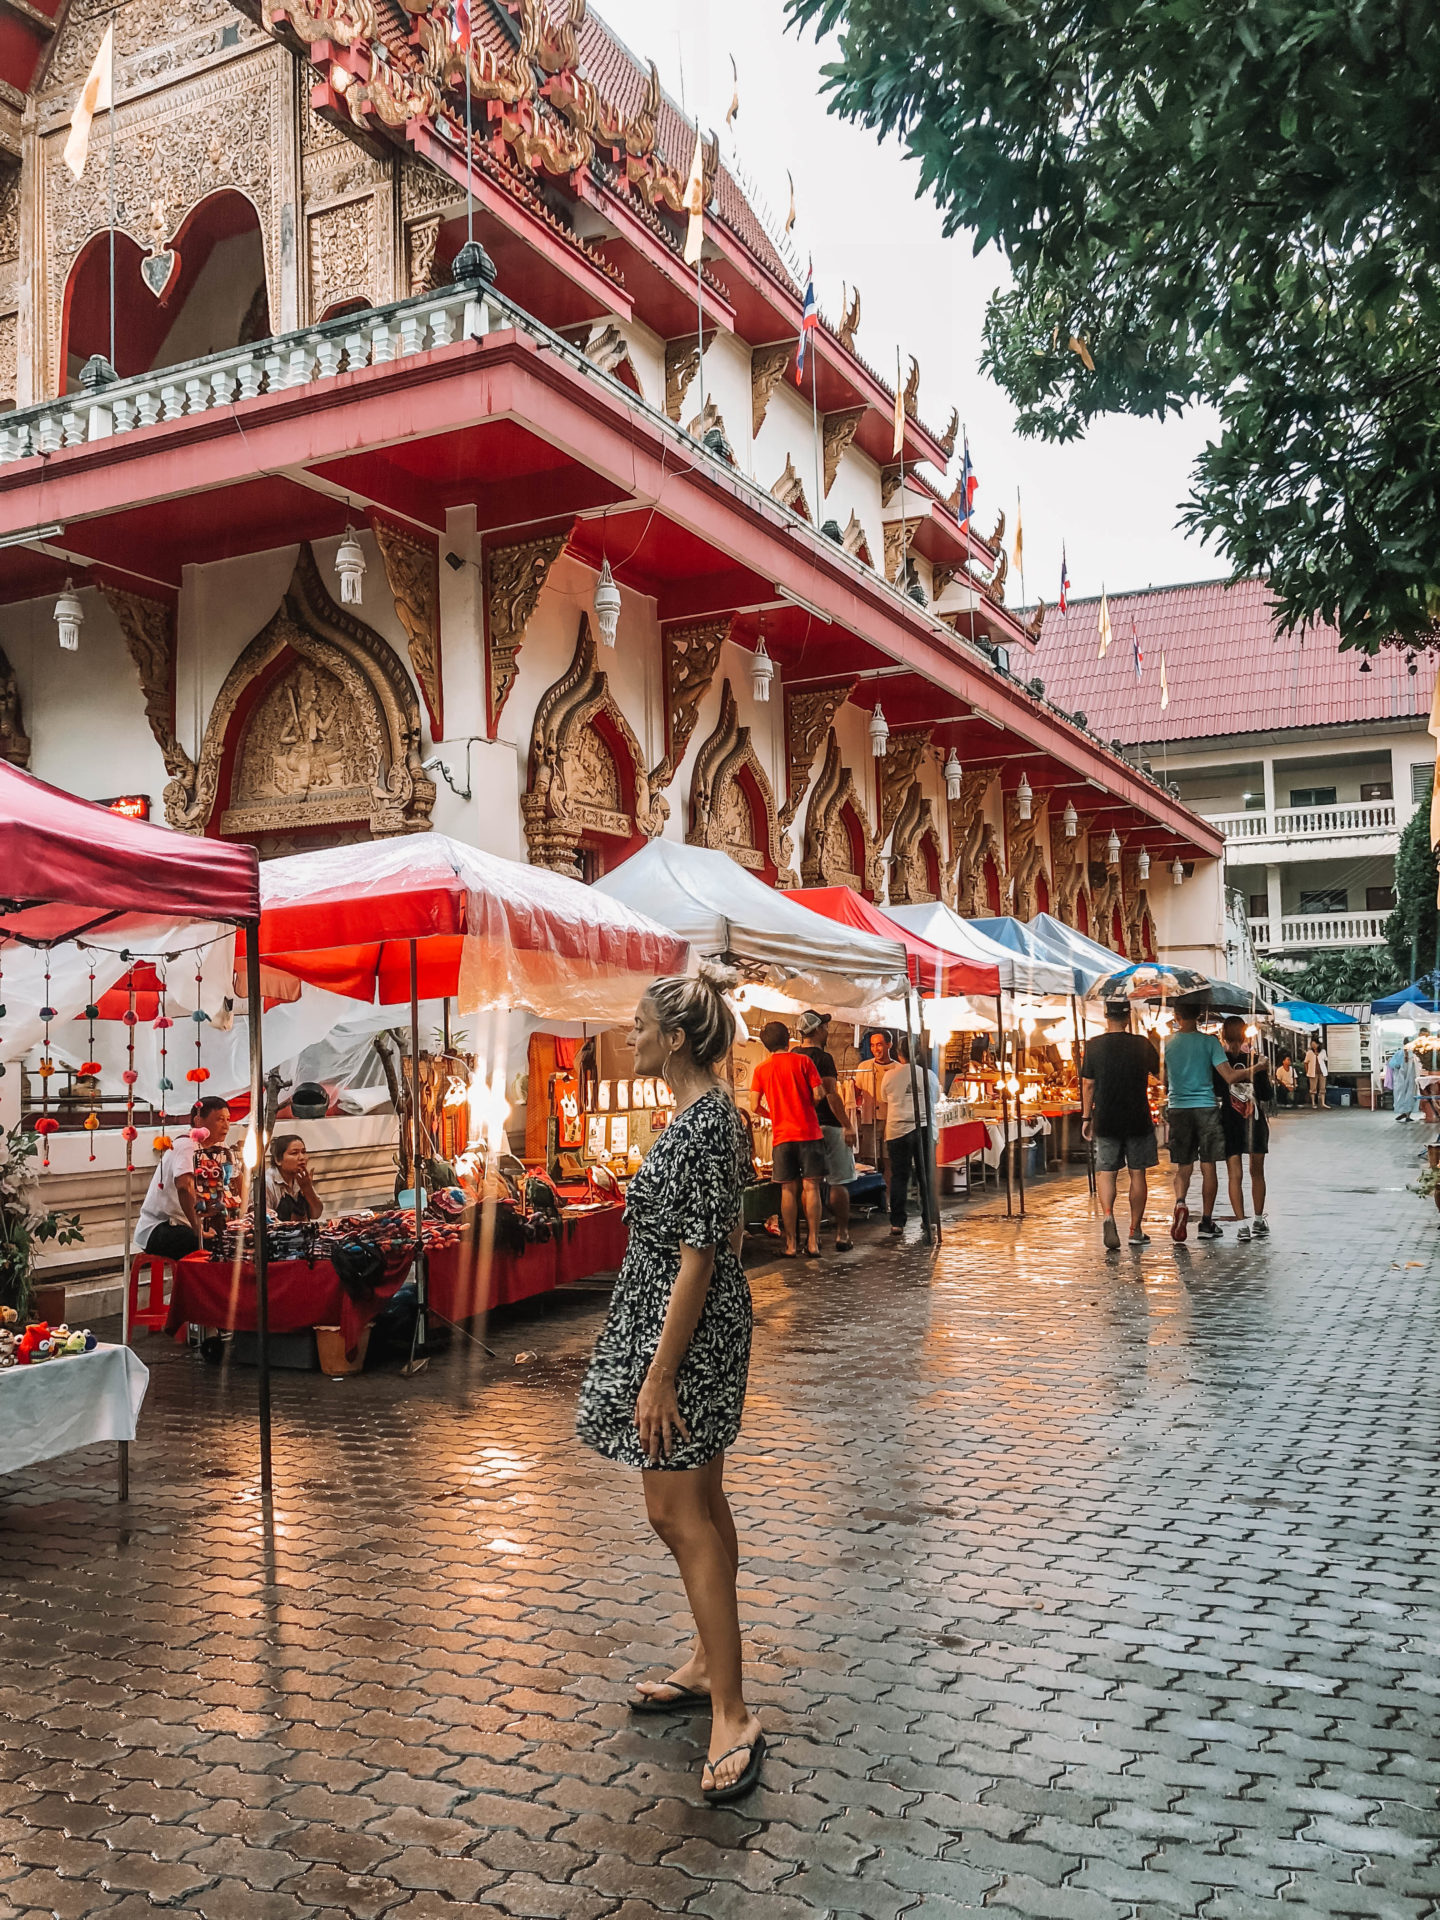 Visite Thaïlande - Blondie Baby blog mode et voyages